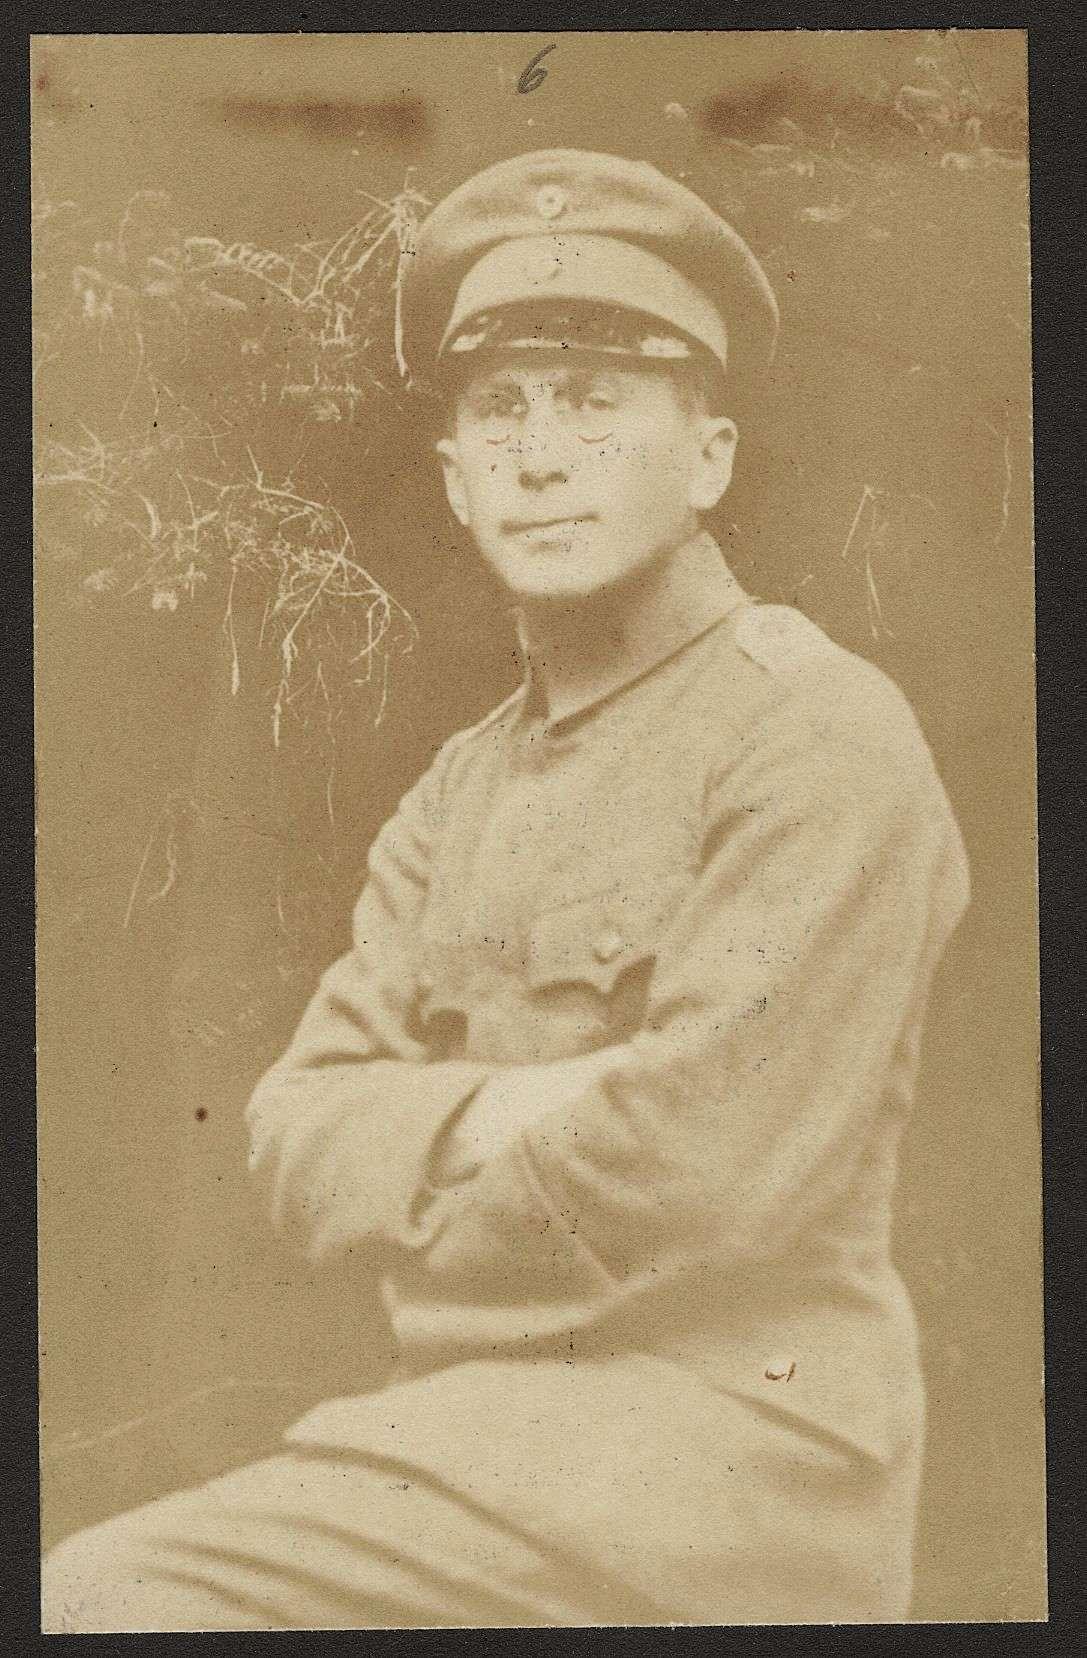 Hahn, Robert, Bild 1